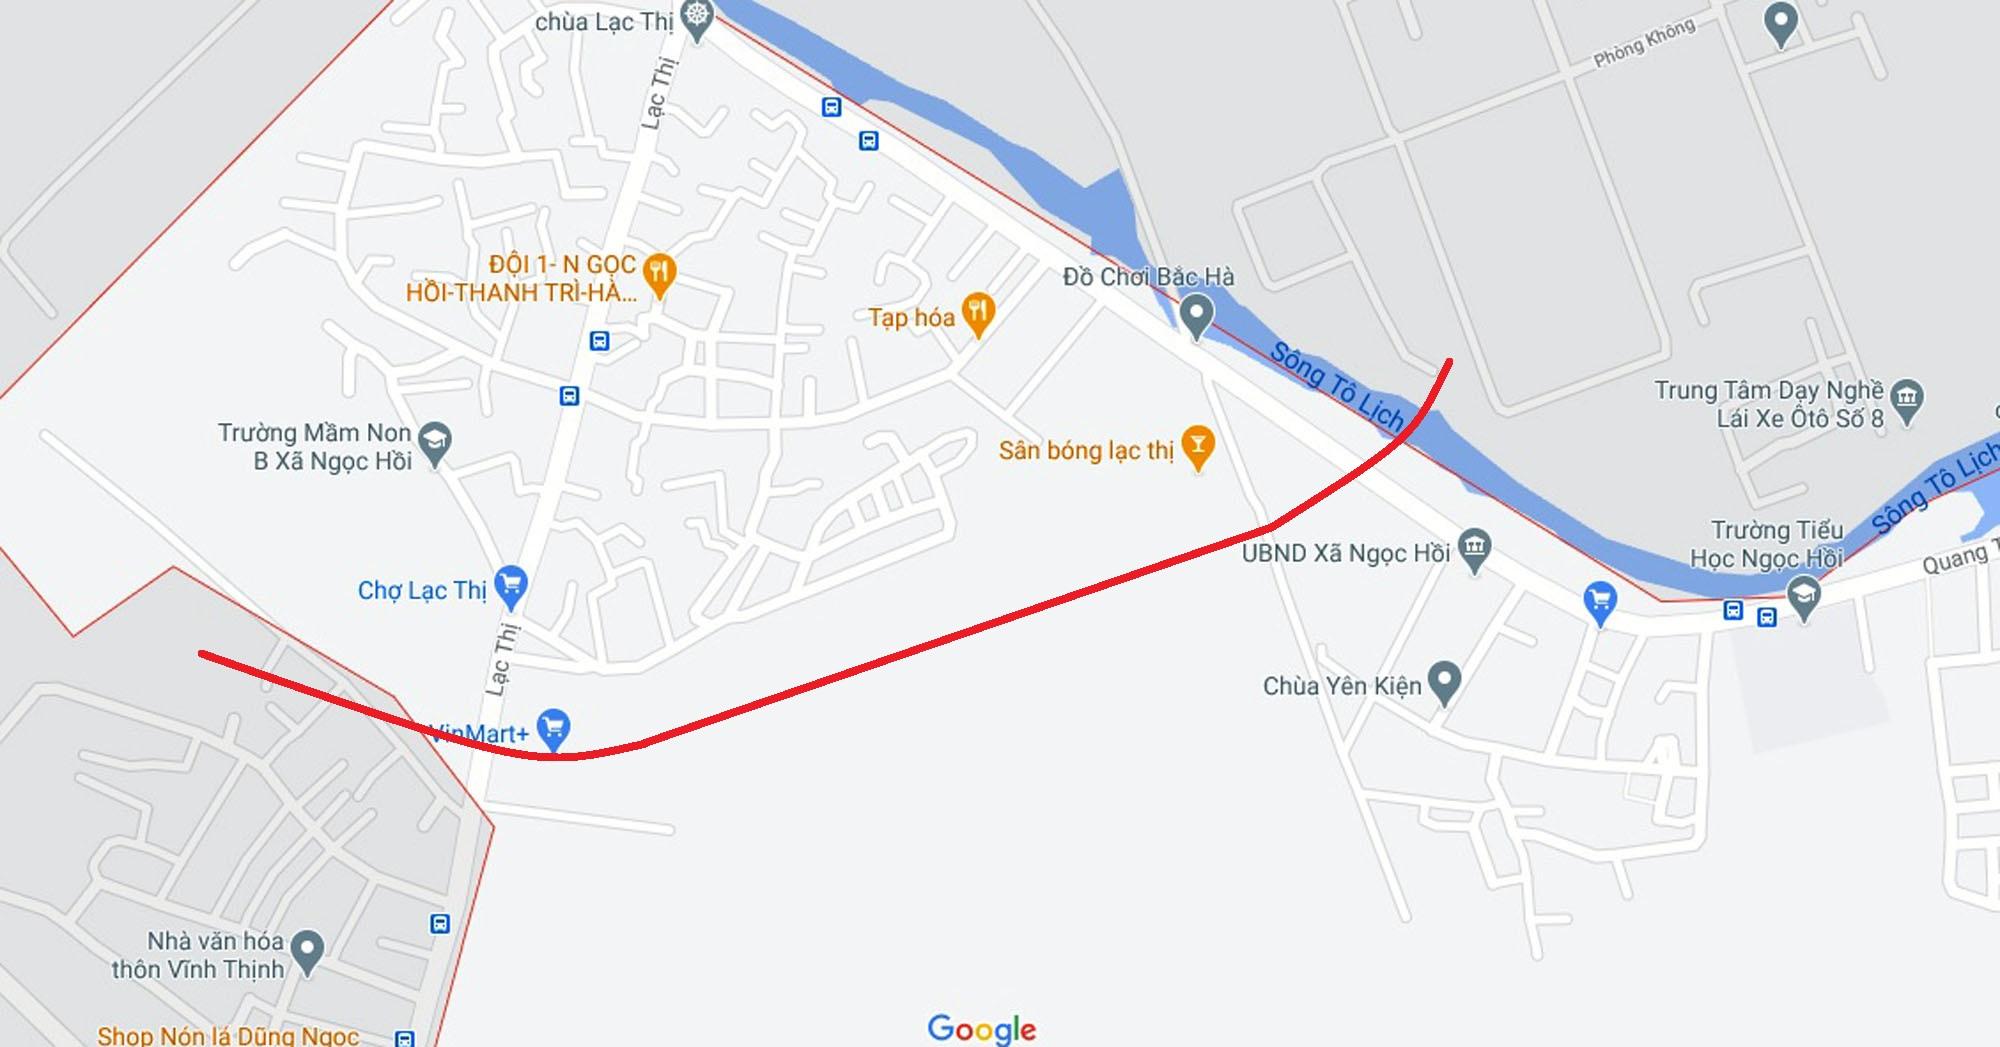 Ba đường sẽ mở theo quy hoạch ở xã Ngọc Hồi, Thanh Trì, Hà Nội - Ảnh 2.